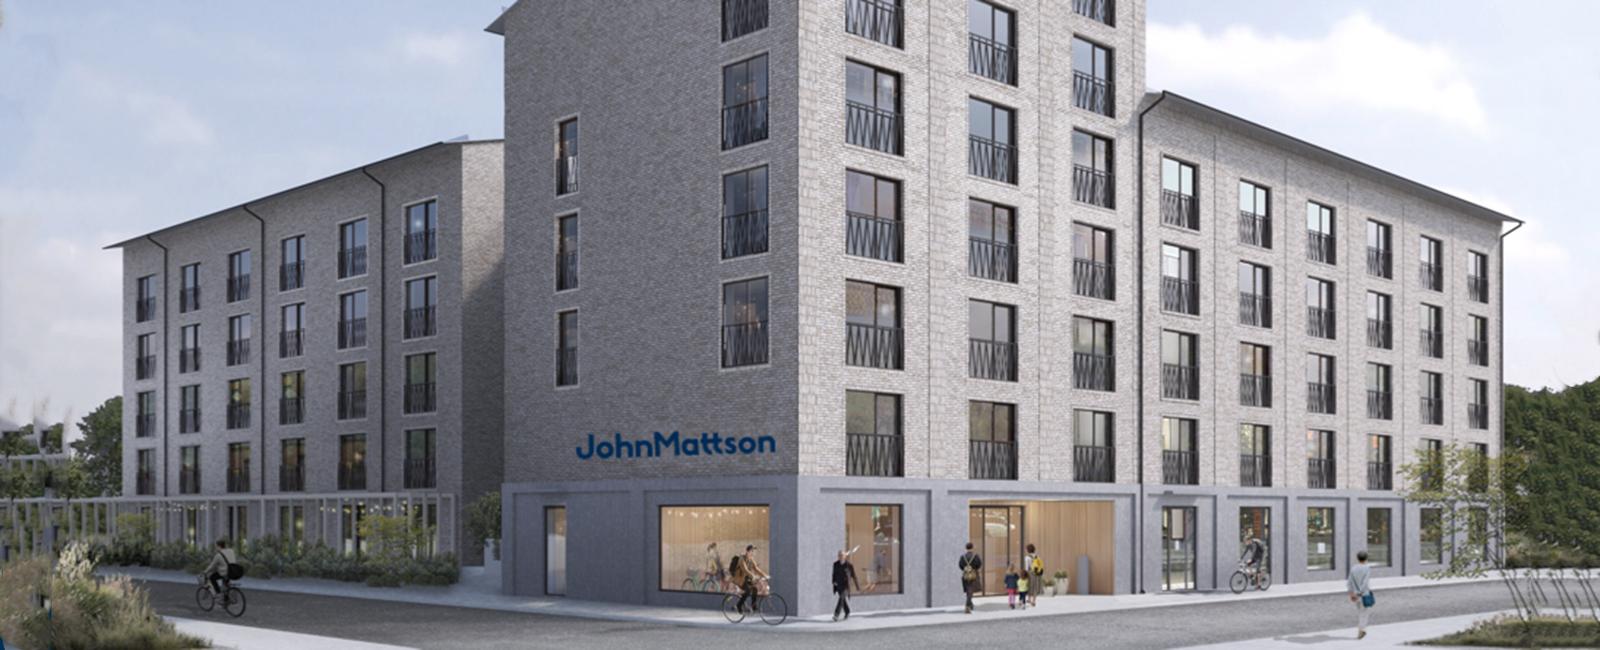 Illustration av John Mattsons kommande flerbostadshus i tegel.